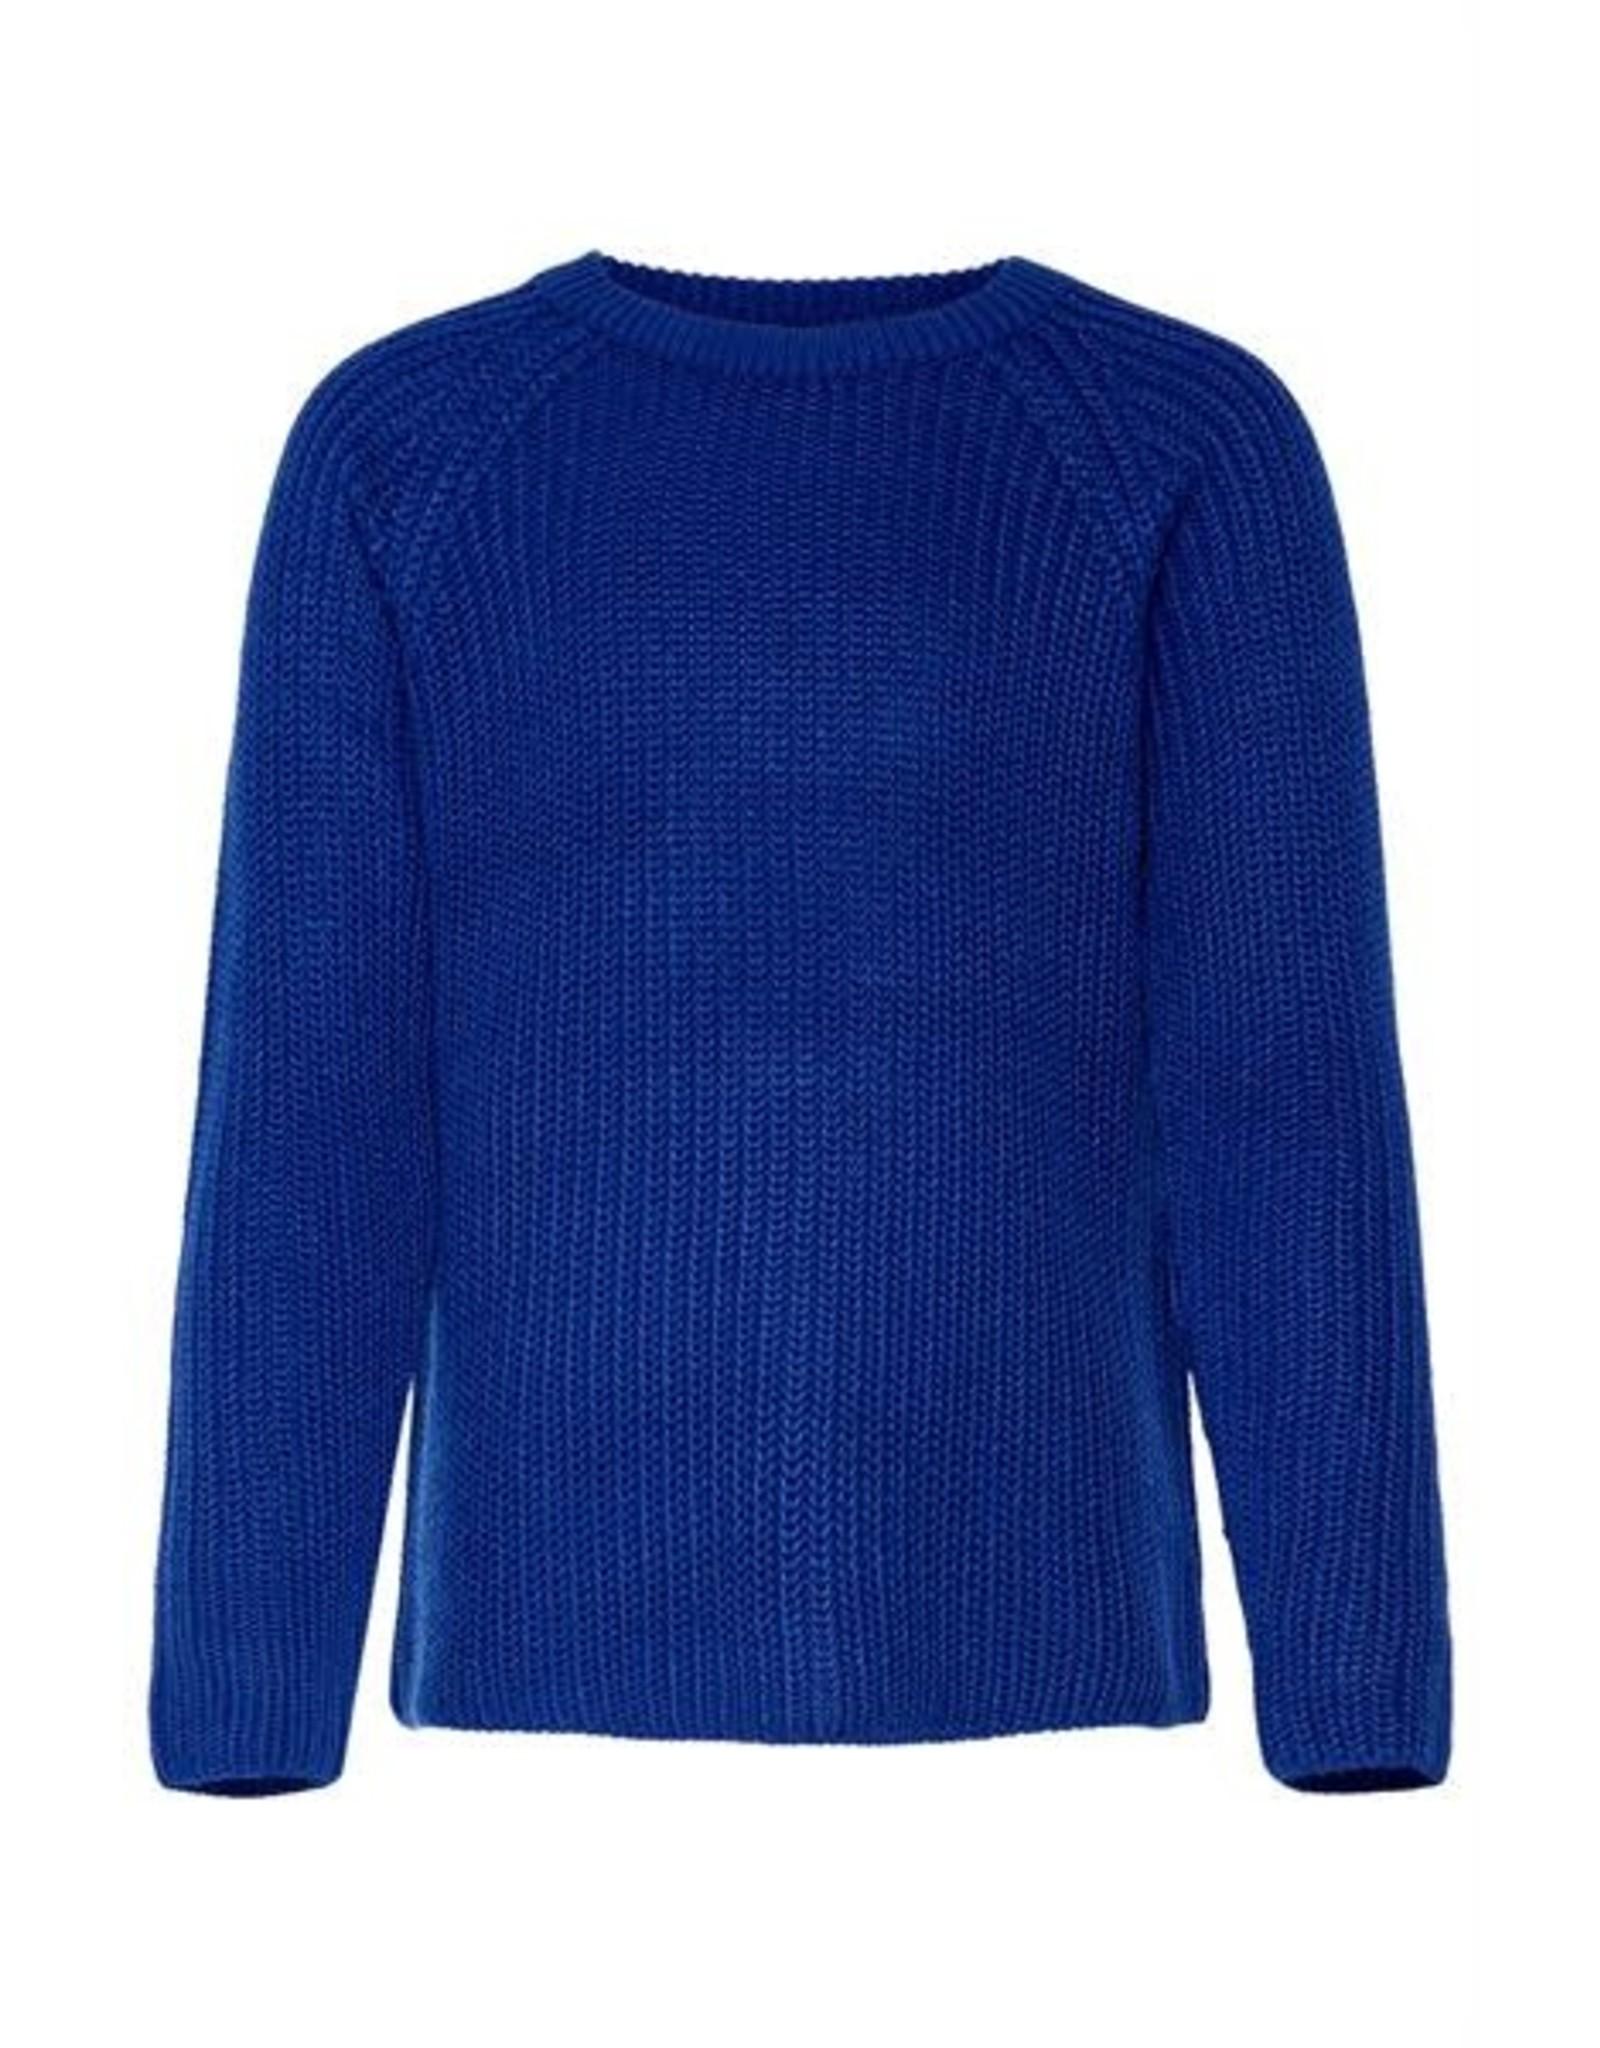 KIDS ONLY Koningsblauwe gebreide meisjes trui